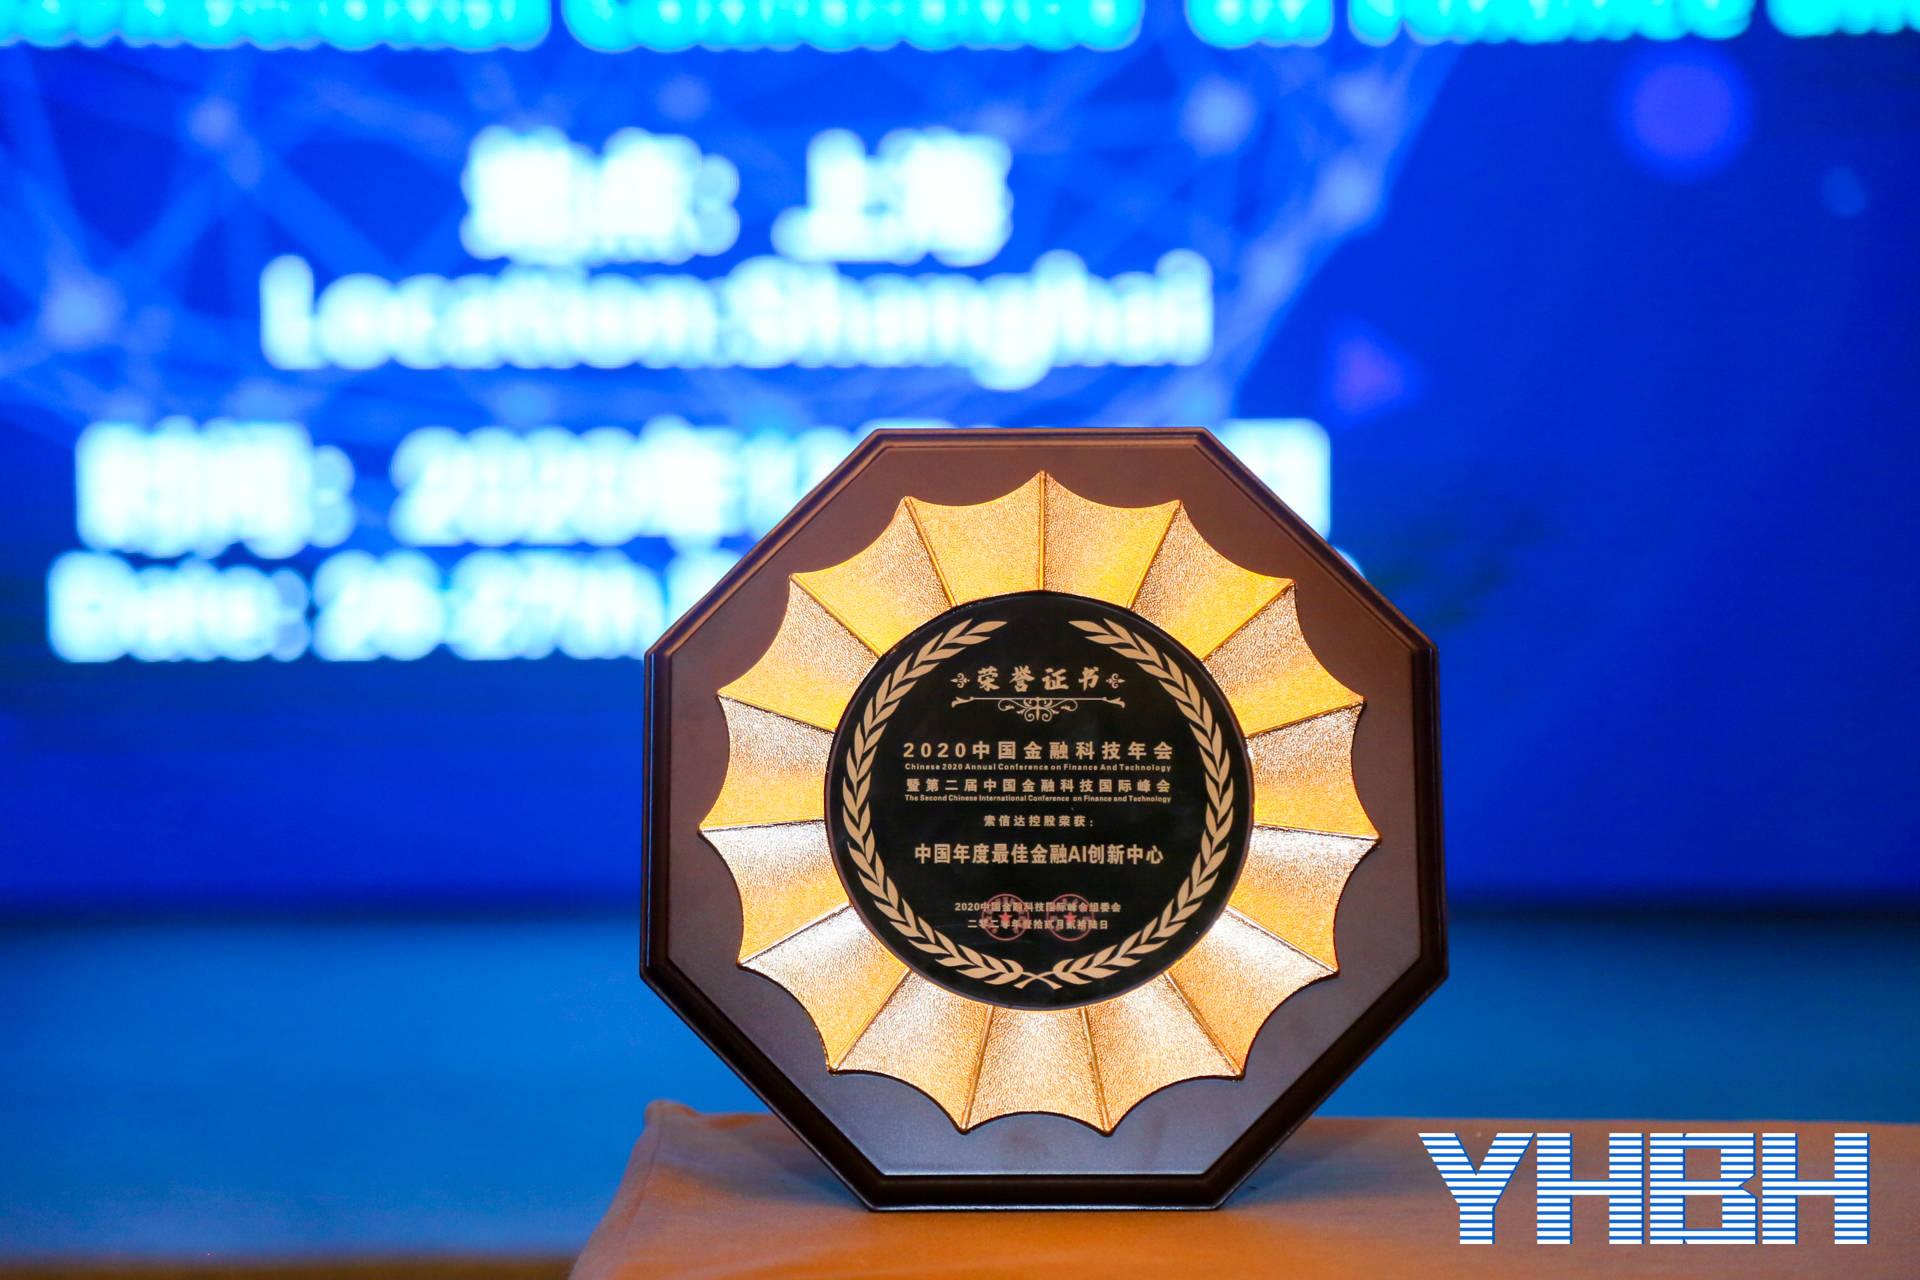 """索信达控股(03680.HK)获得""""中国最佳金融人工智能创新中心""""奖"""